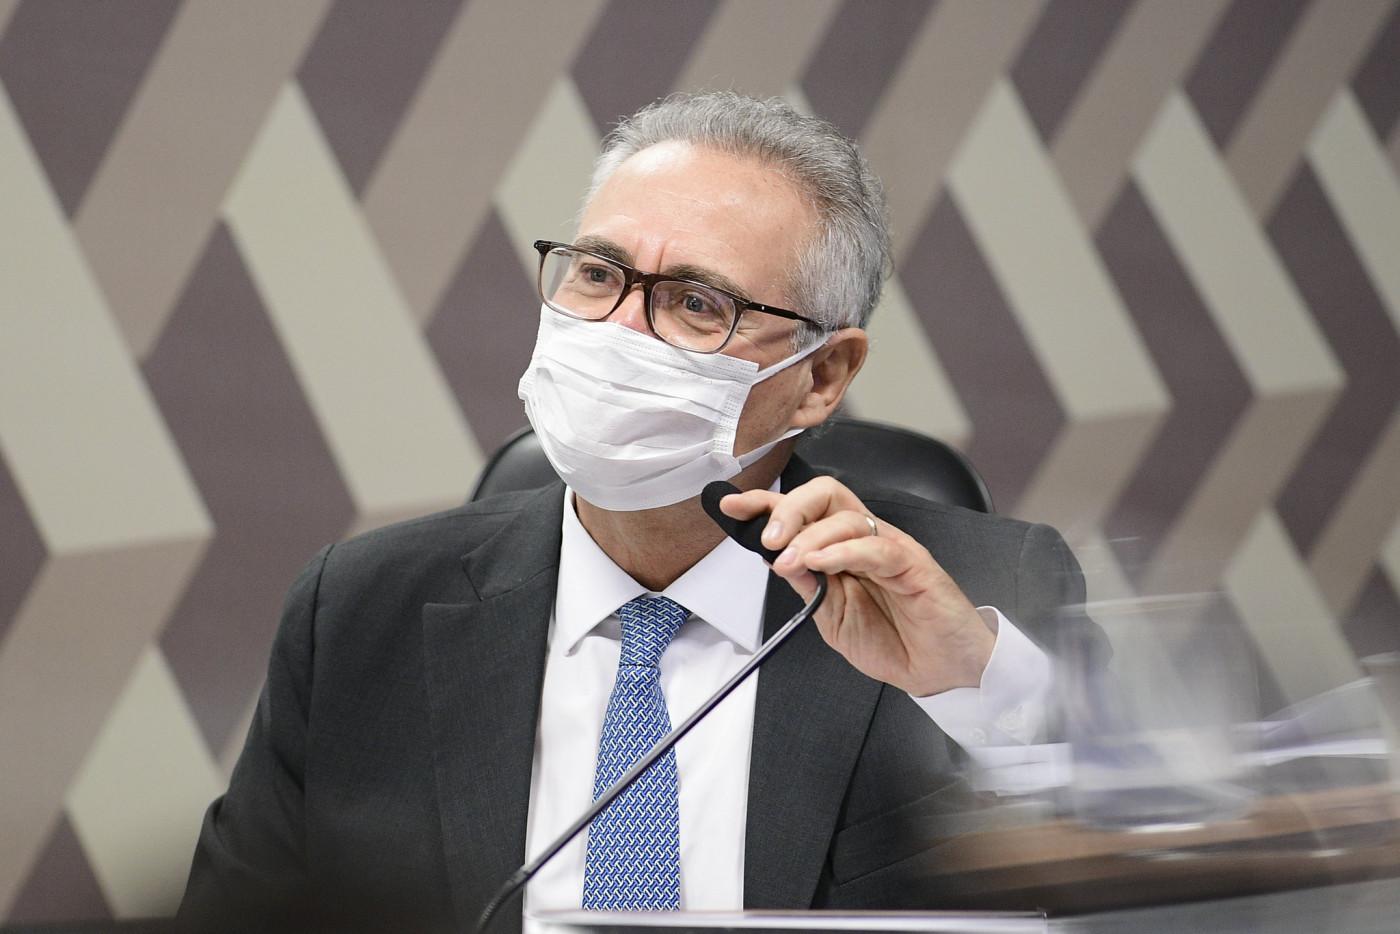 O relator da CPI da Covid-19, Renan Calheiros, durante sessão do colegiado